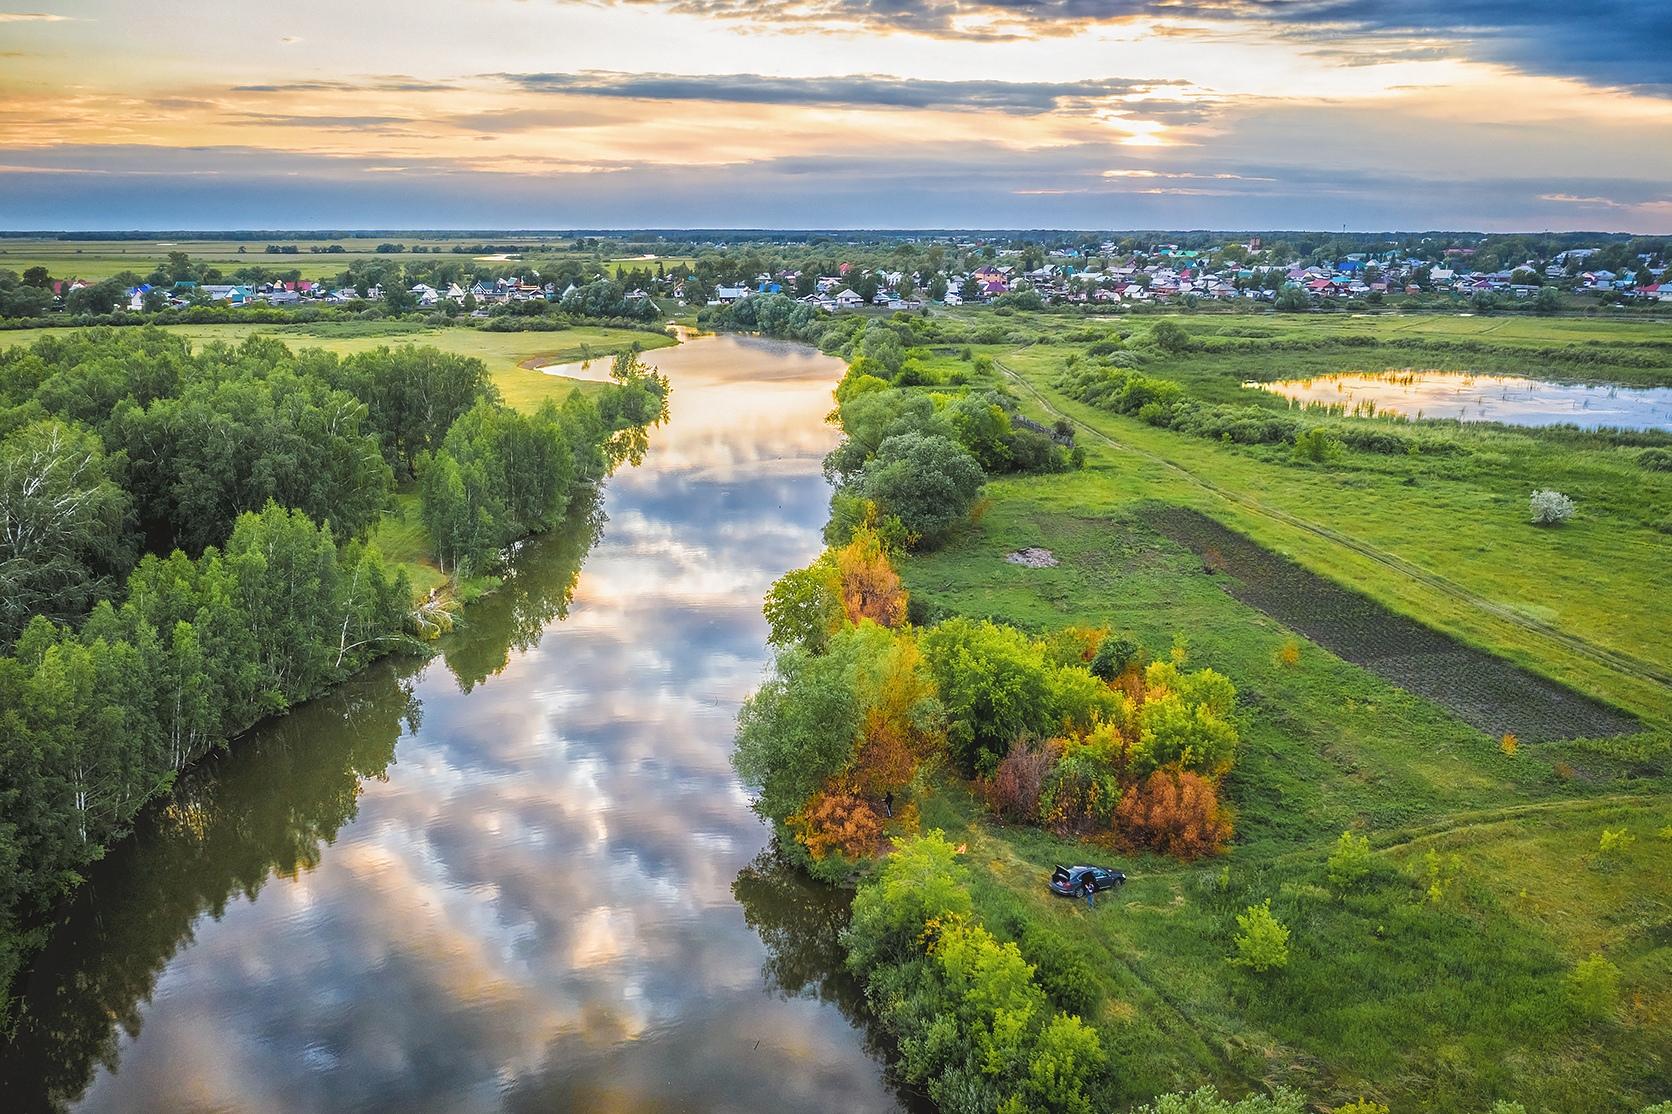 Краснозёрское расположено на правом берегу реки Карасук,в 270 километрах к юго-западу от Новосибирска